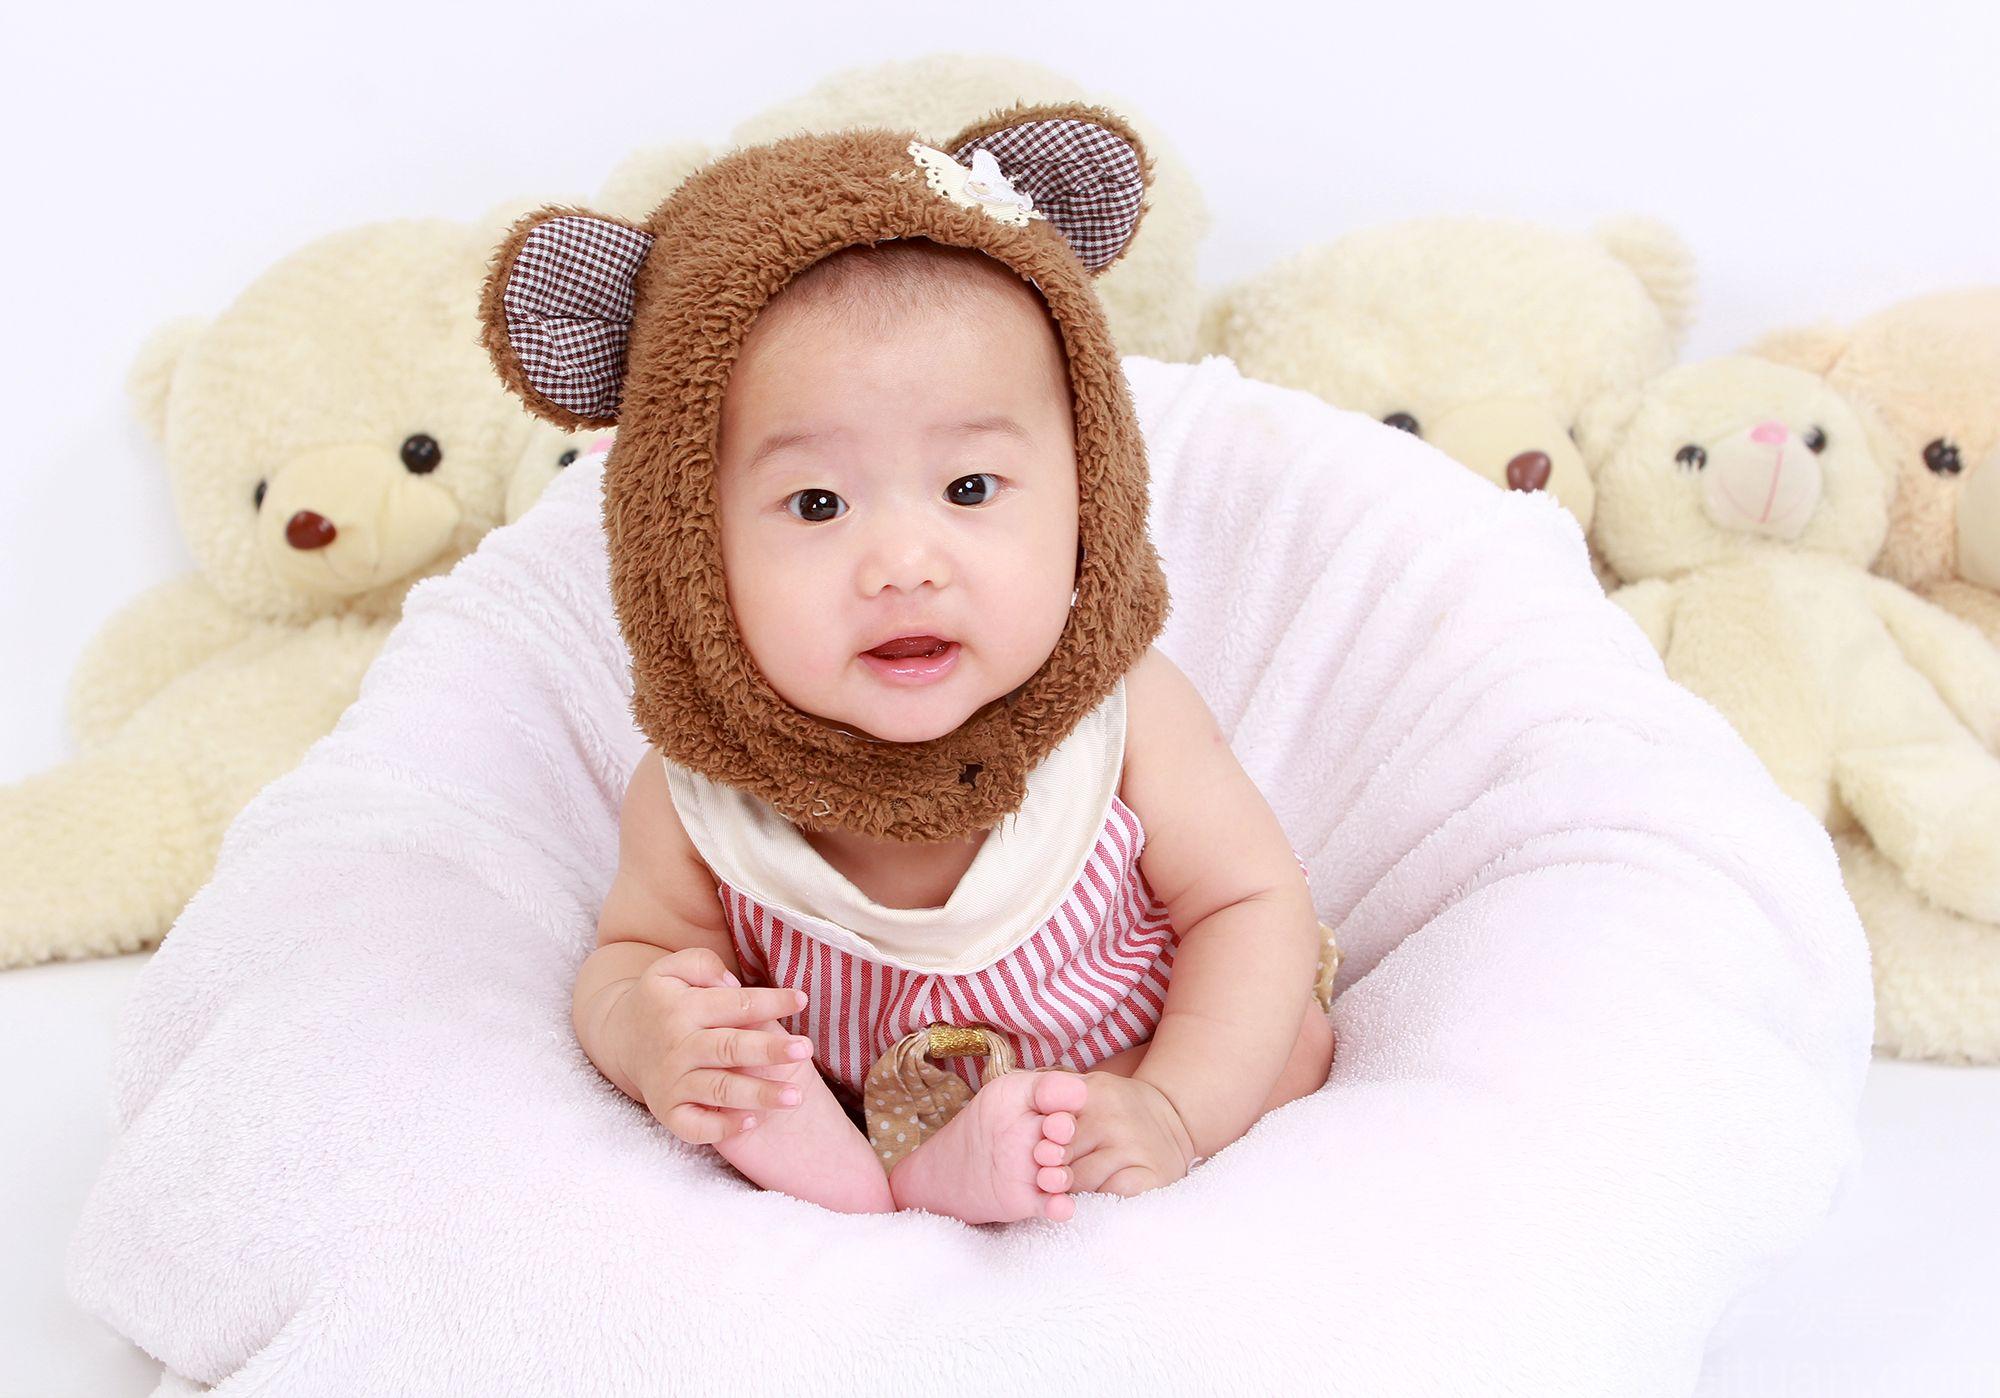 【一心一意人像摄影】个人写真儿童照孕妇照古装写真闺蜜照亲子